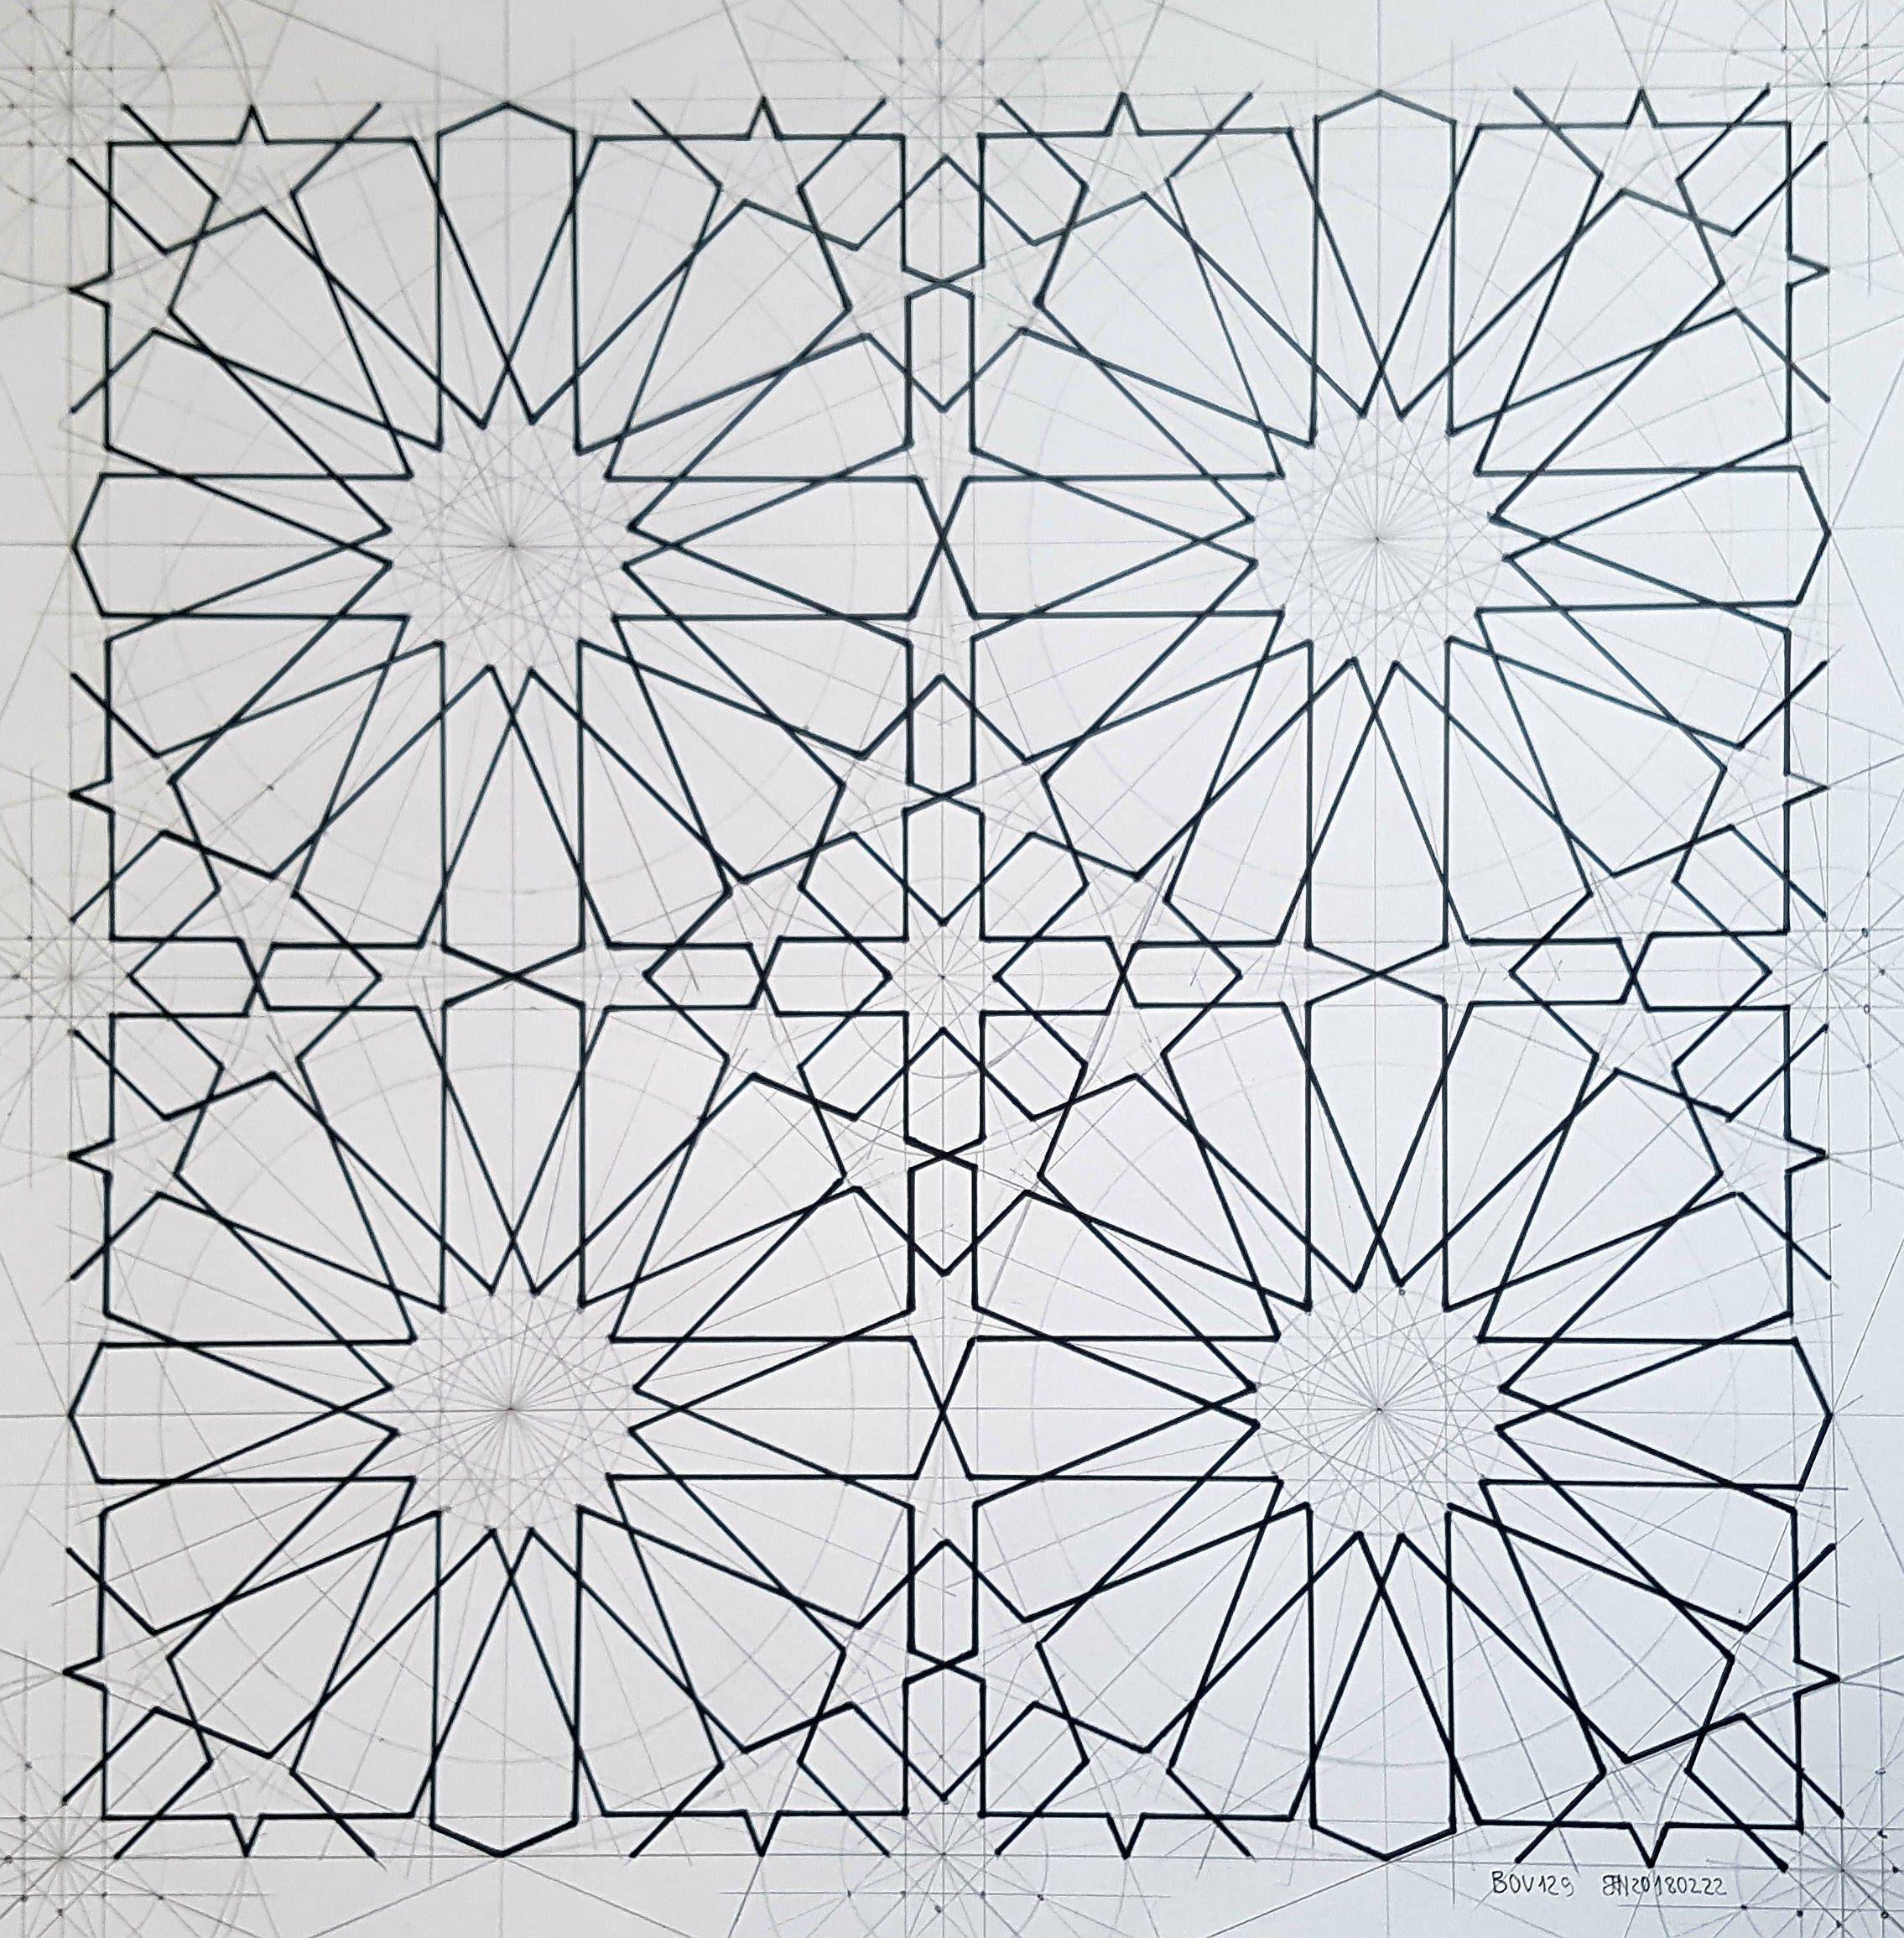 Bou129 Geometric Pattern Tessellation Mathart Regolo54